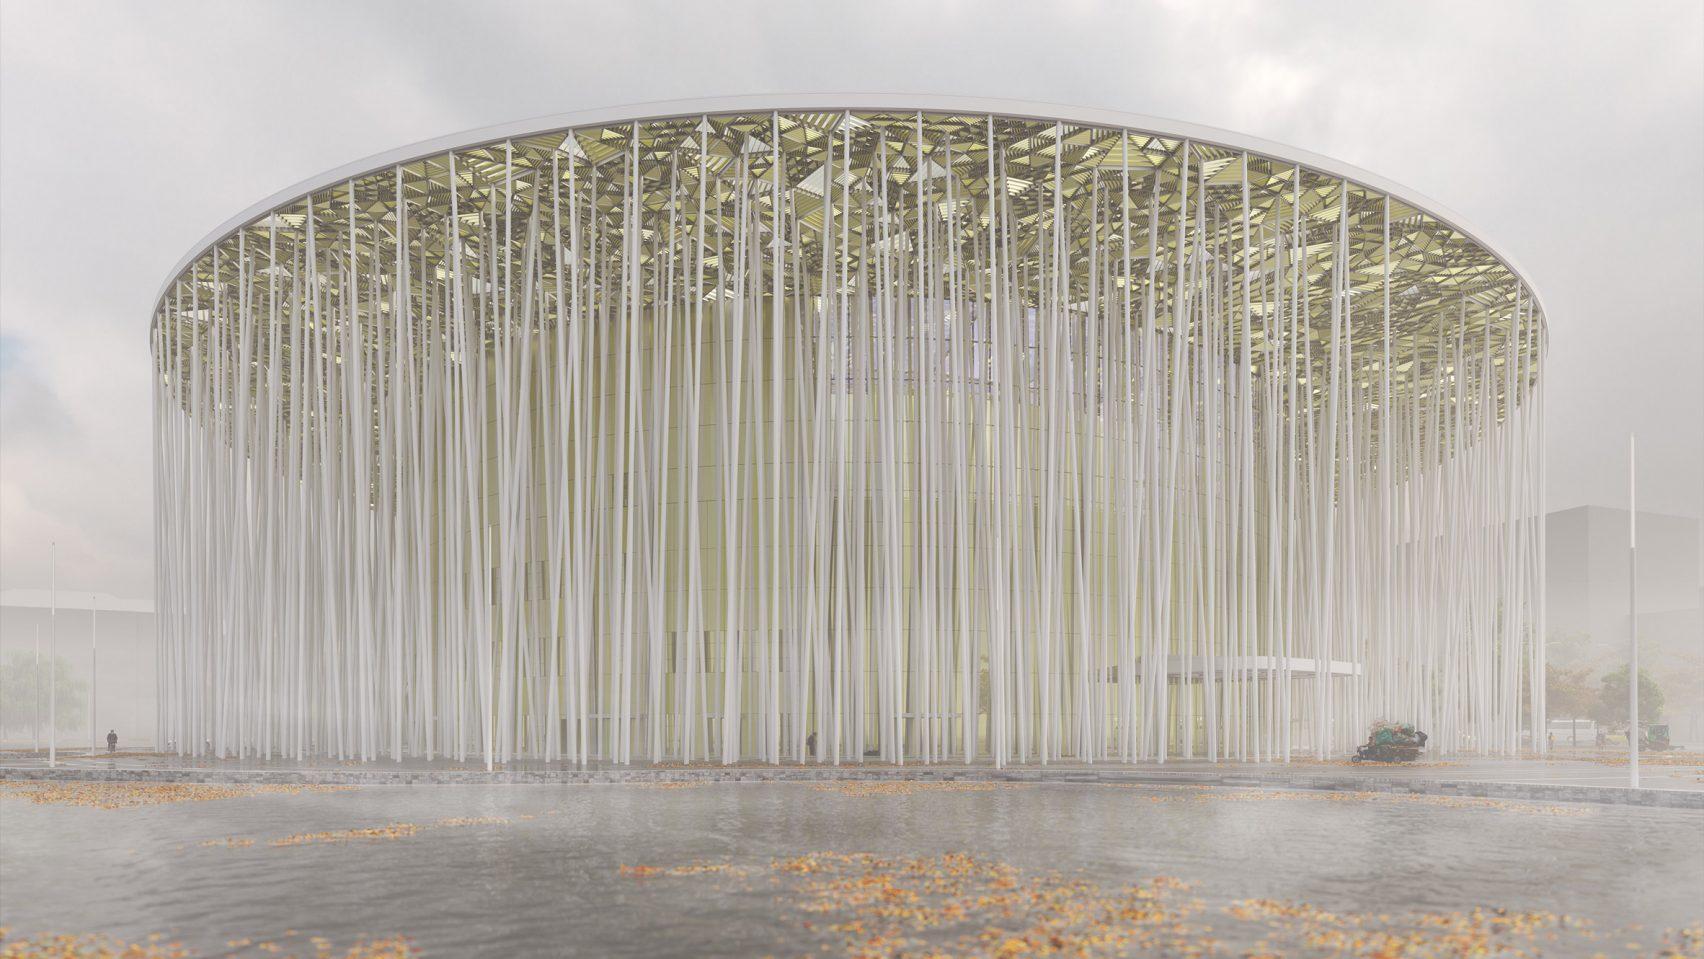 Шоу-театр Уси с белыми колоннами и золотым навесом